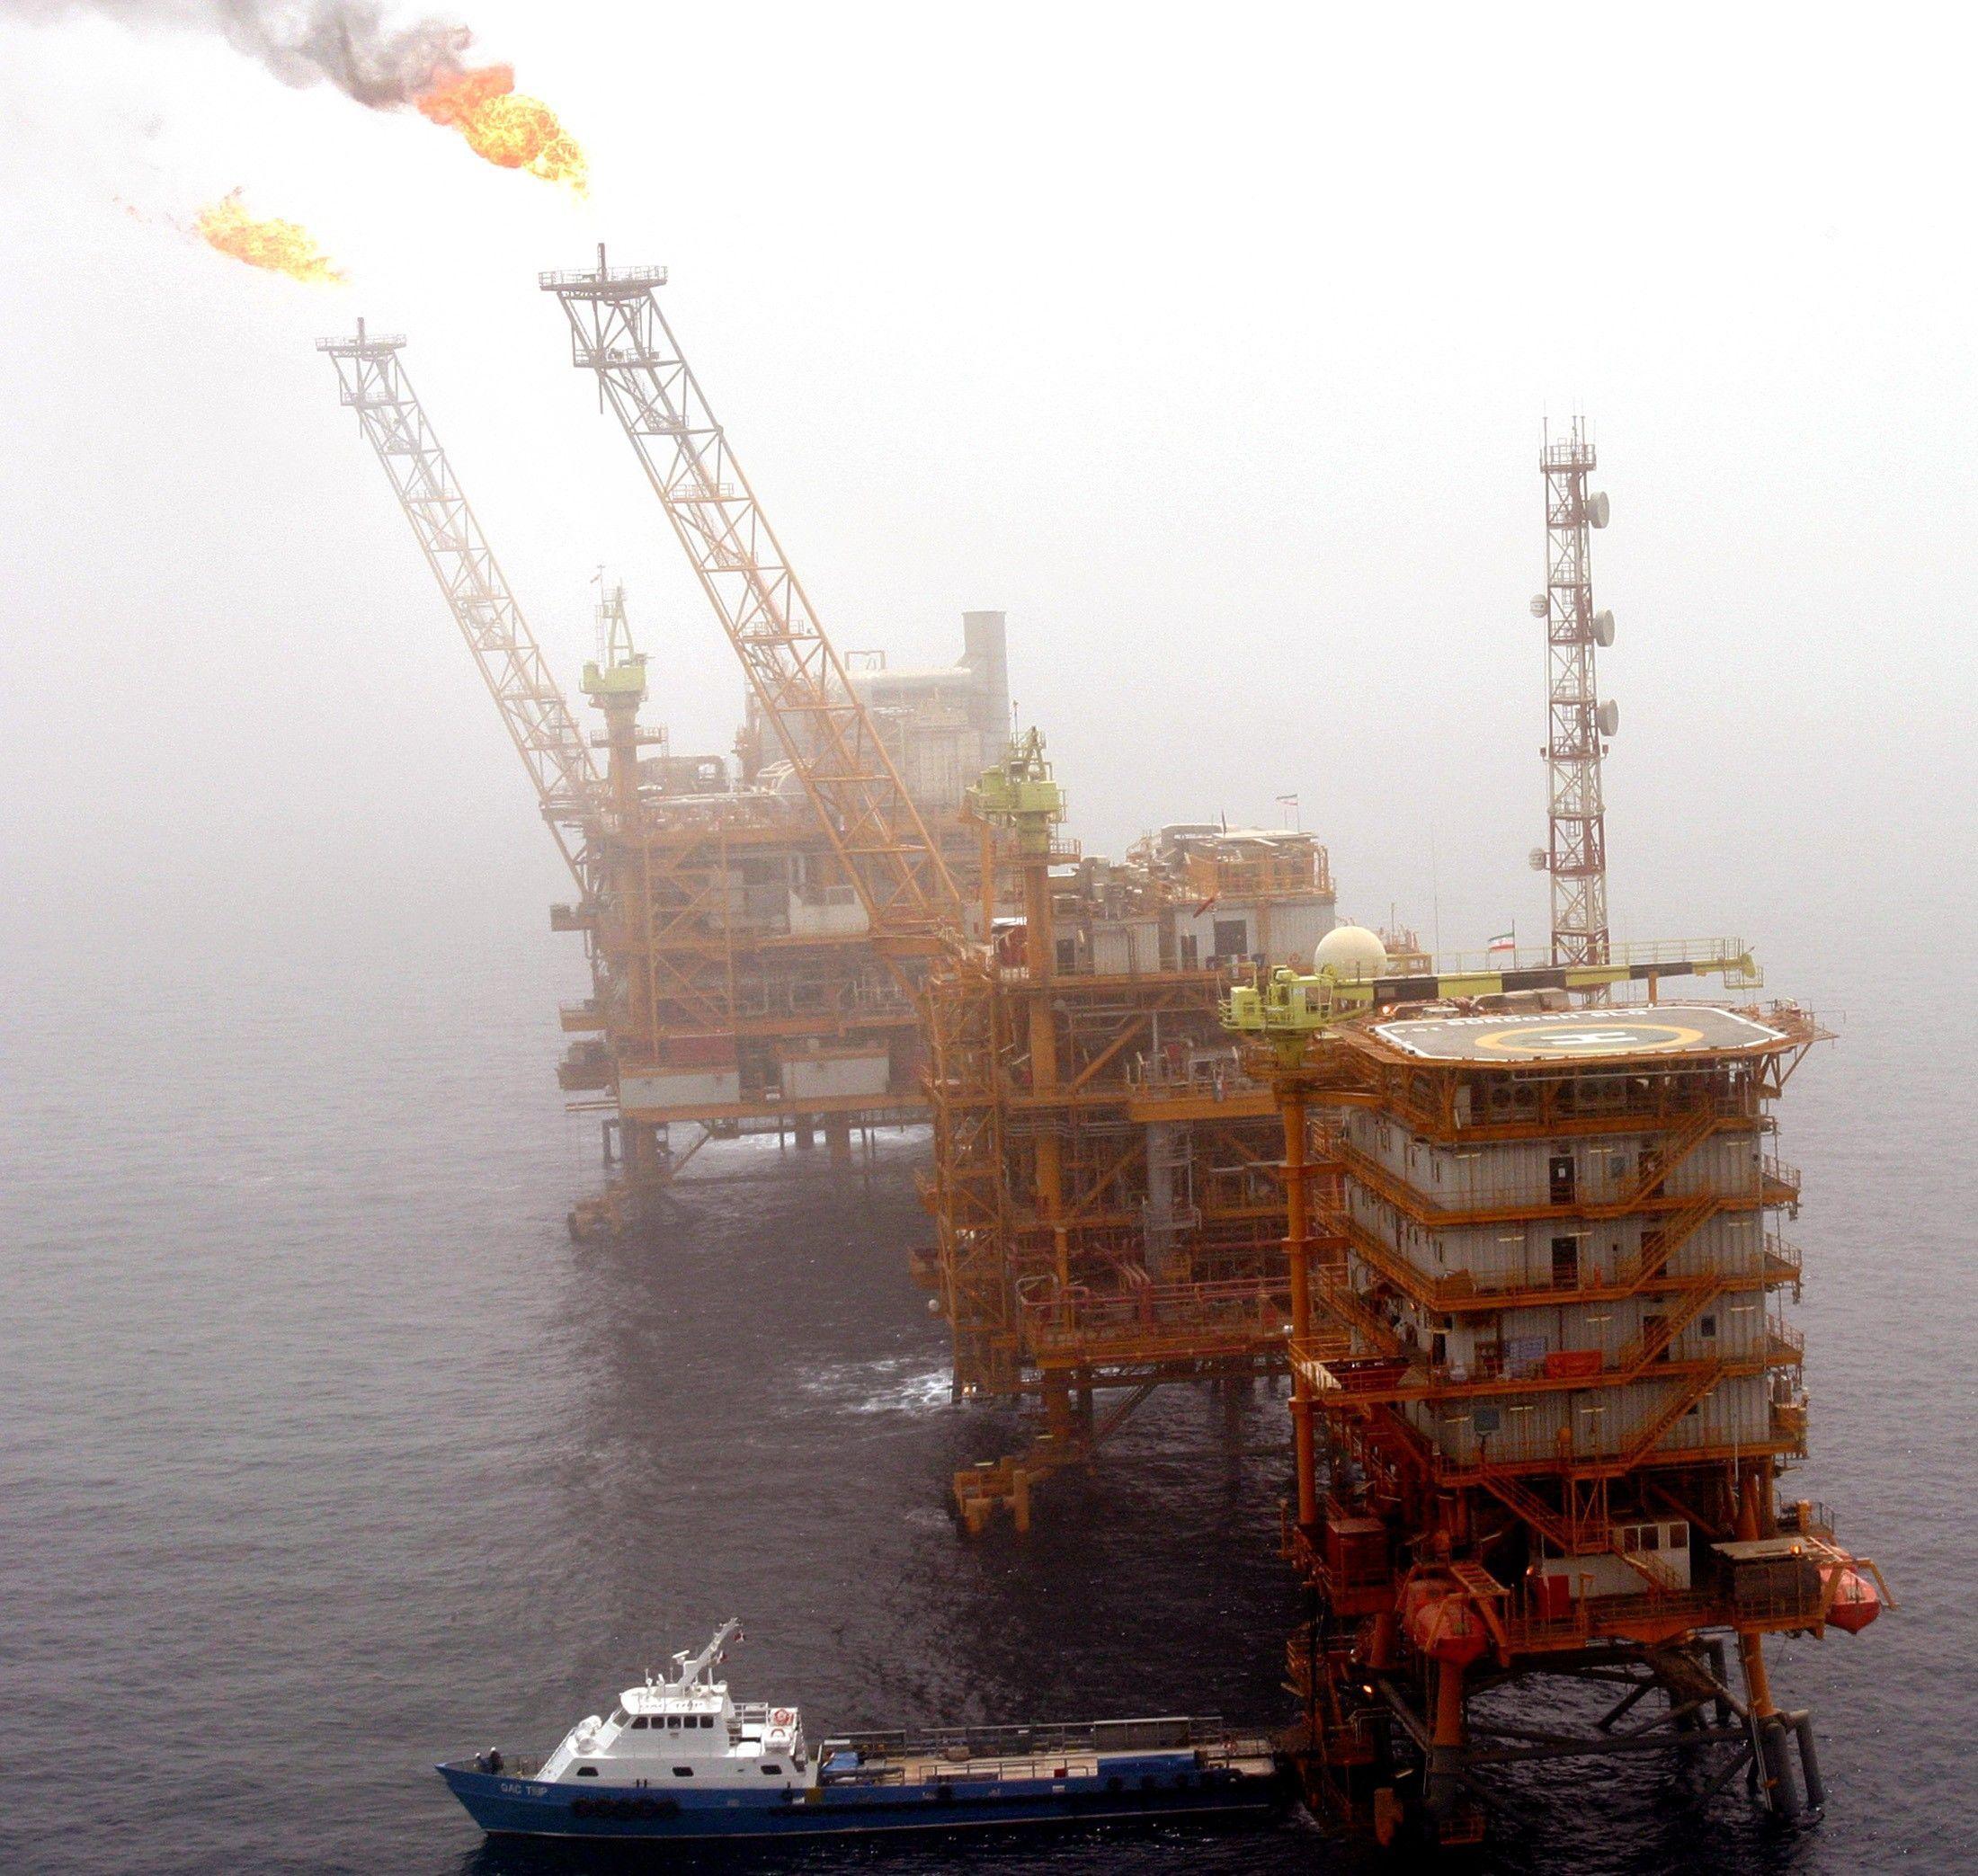 2005-07-25T120000Z_1078828247_RP6DRMULCZAA_RTRMADP_3_IRAN-OIL